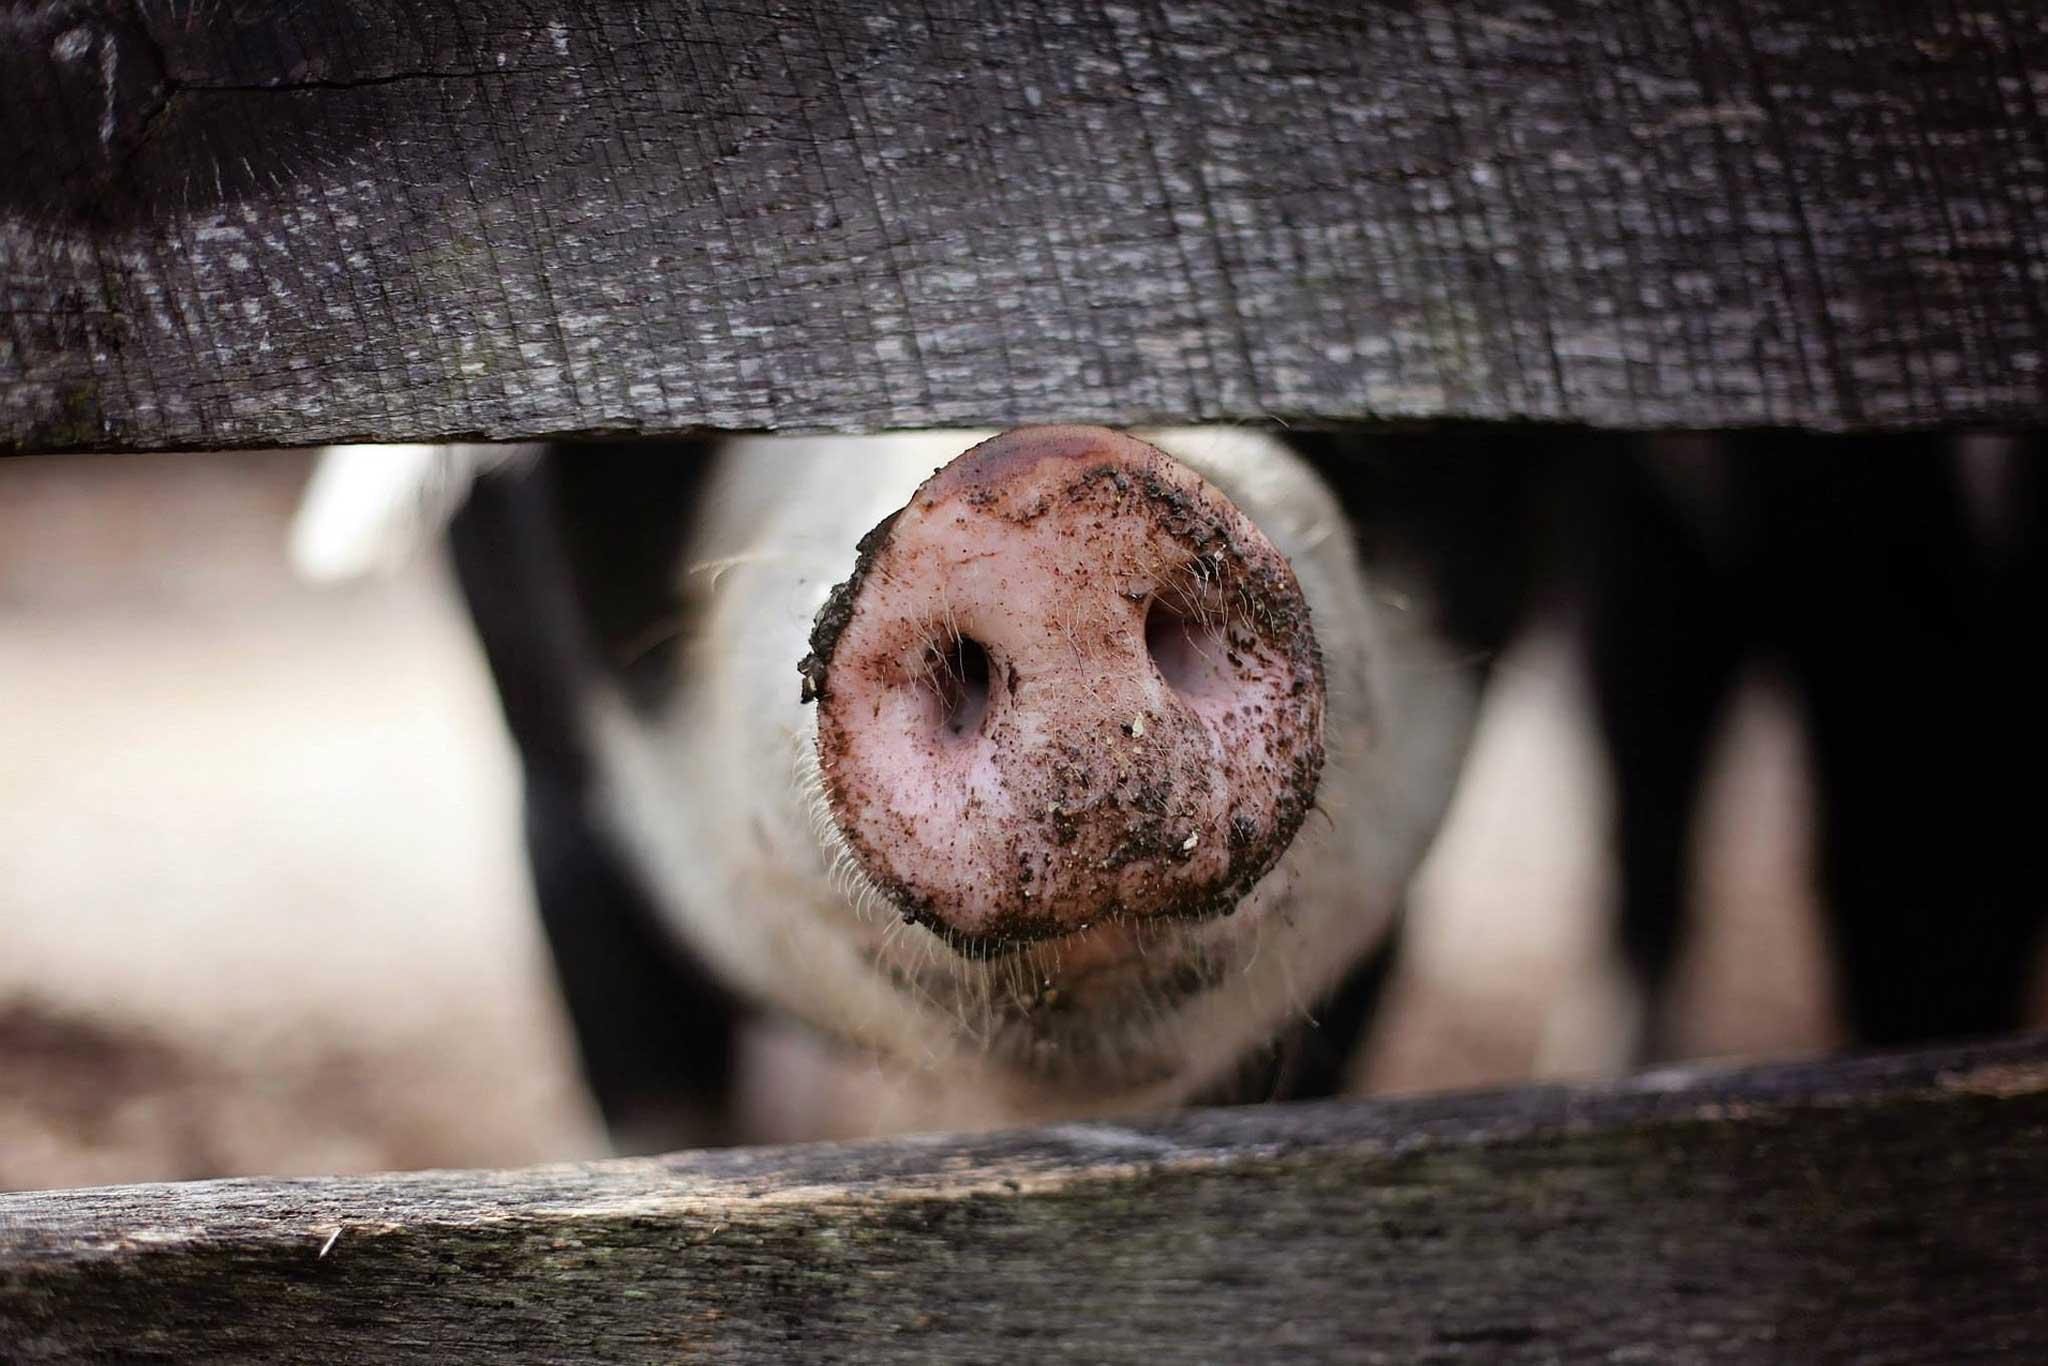 Dirty Snouts Pig Snout